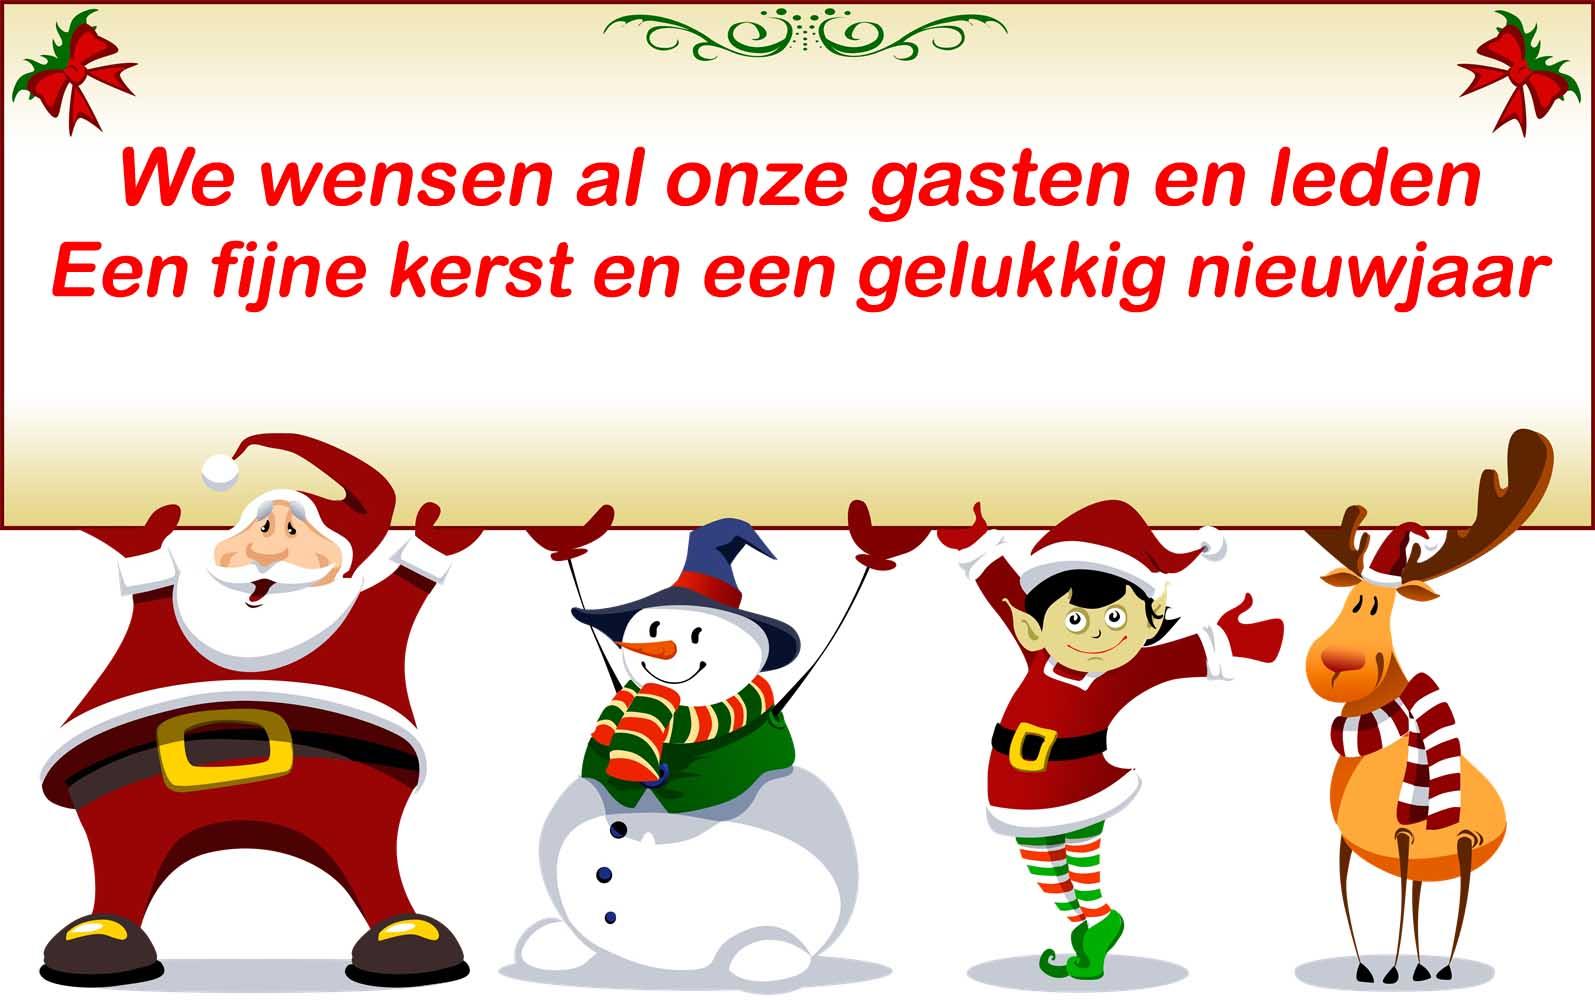 Julebanner_NL